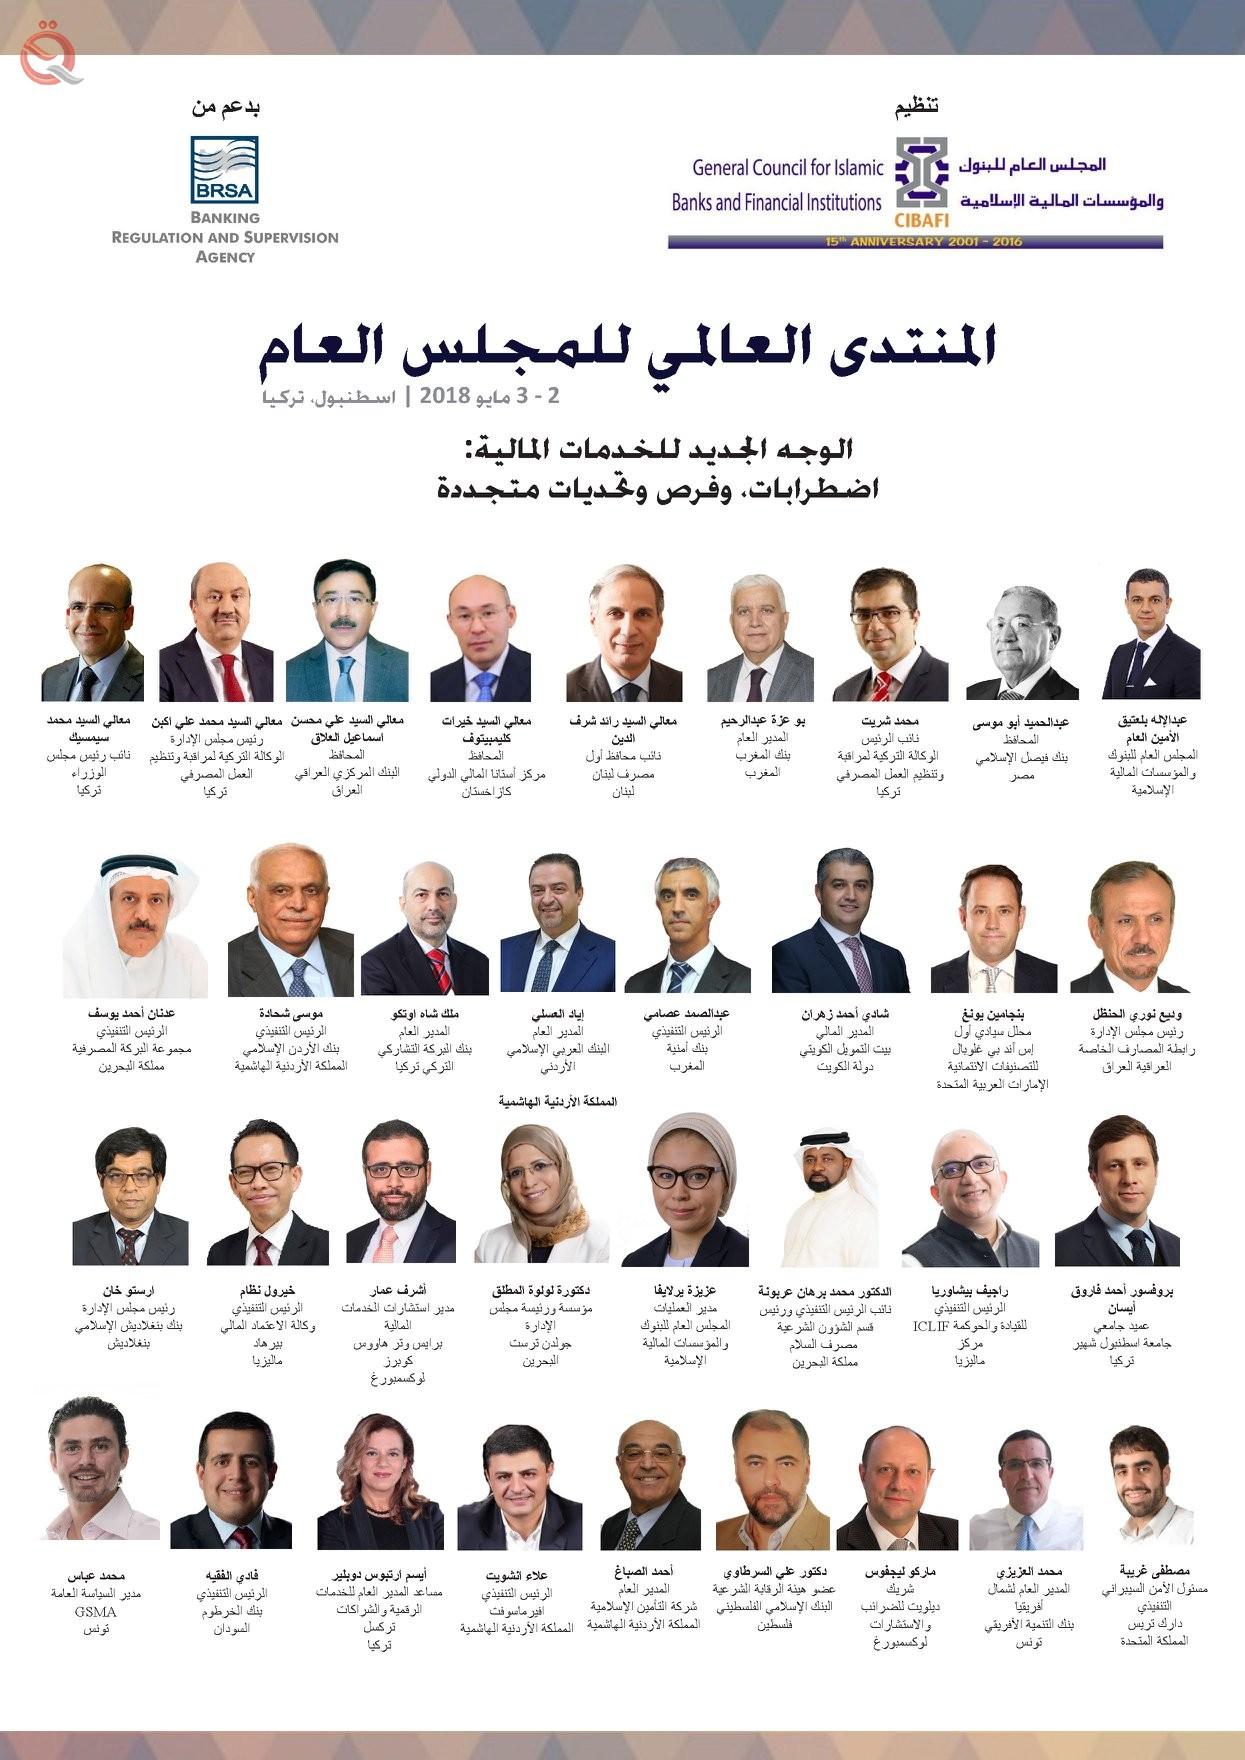 البنك المركزي العراقي ورابطة المصارف الخاصة يشاركان في المنتدى العالمي للبنوك الاسلامية